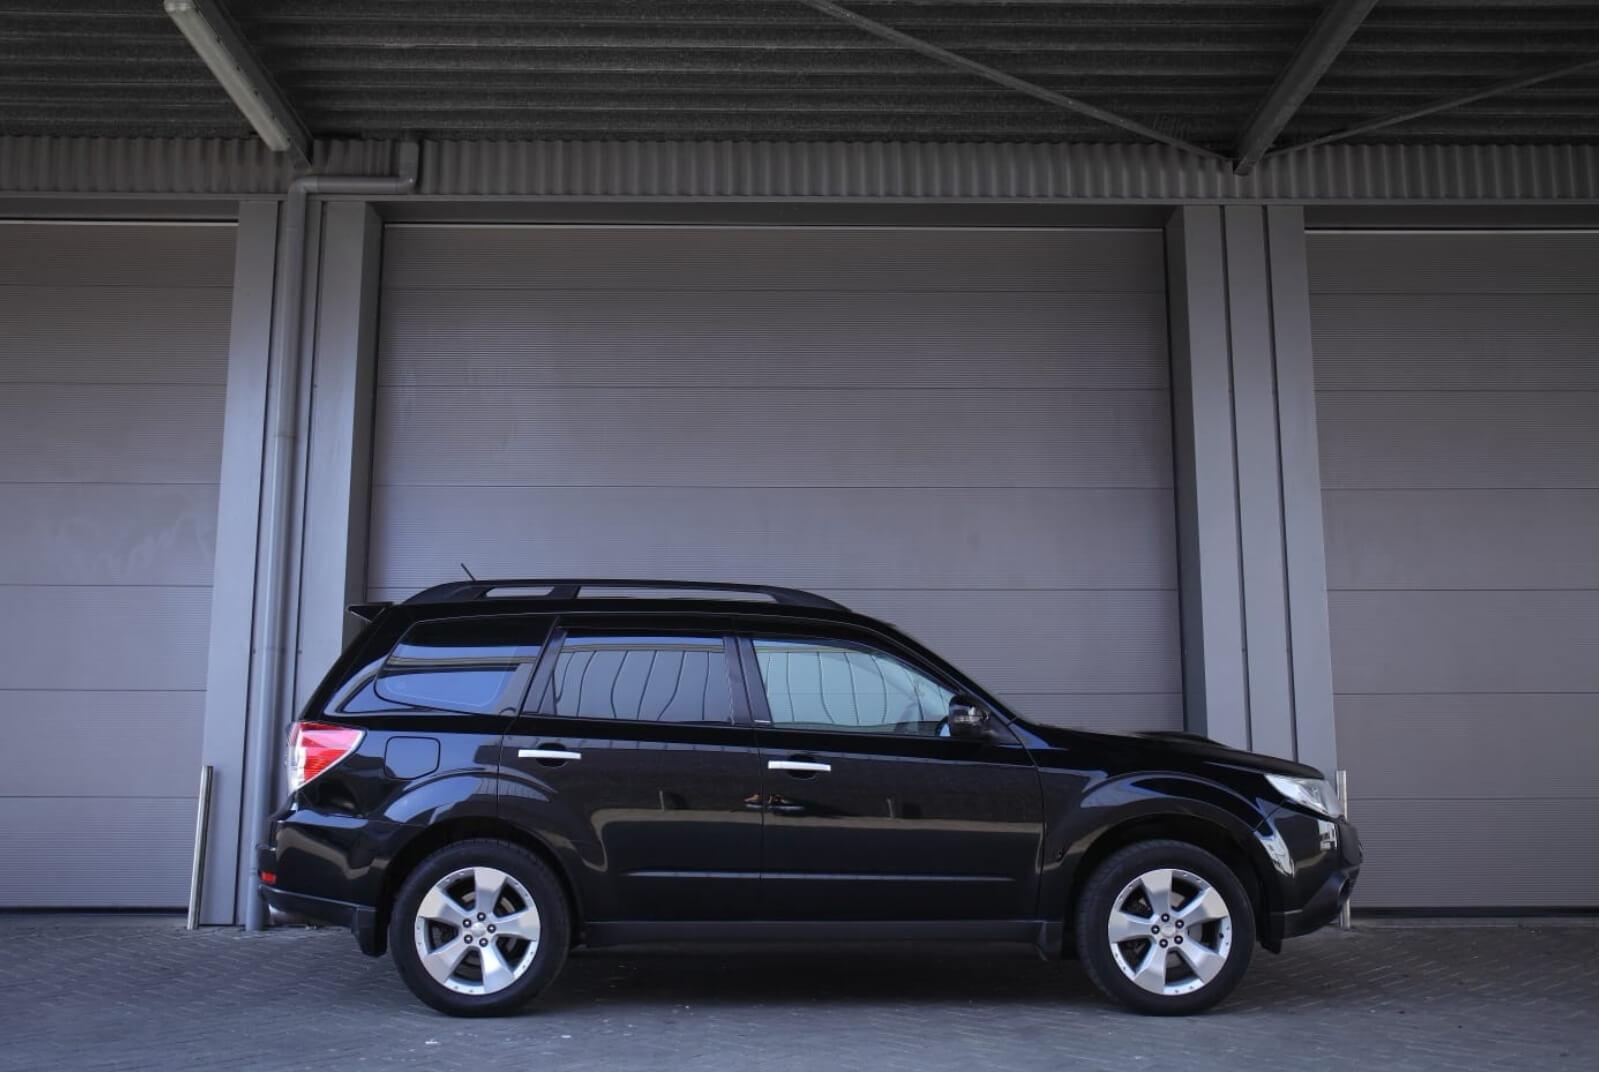 Subaru Forester side 2 – by Next Level Automotive – Go to nextlevelautomotive.eu